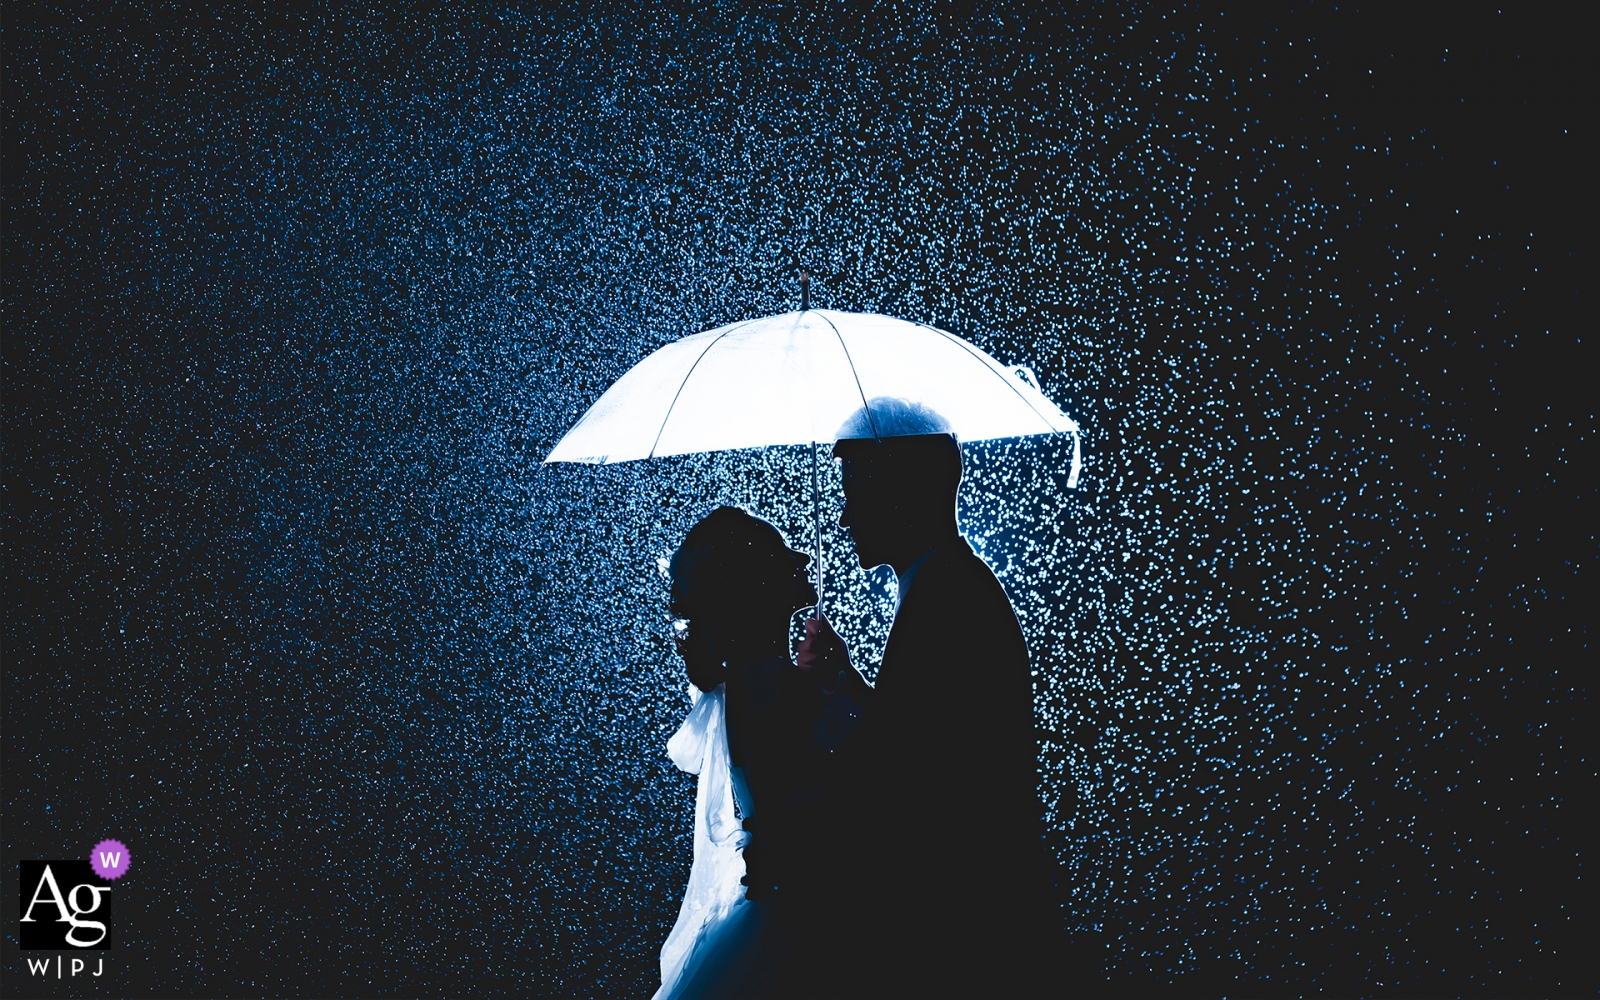 Guangdong noche de lluvia retrato de boda de la novia y el novio iluminado bajo un paraguas